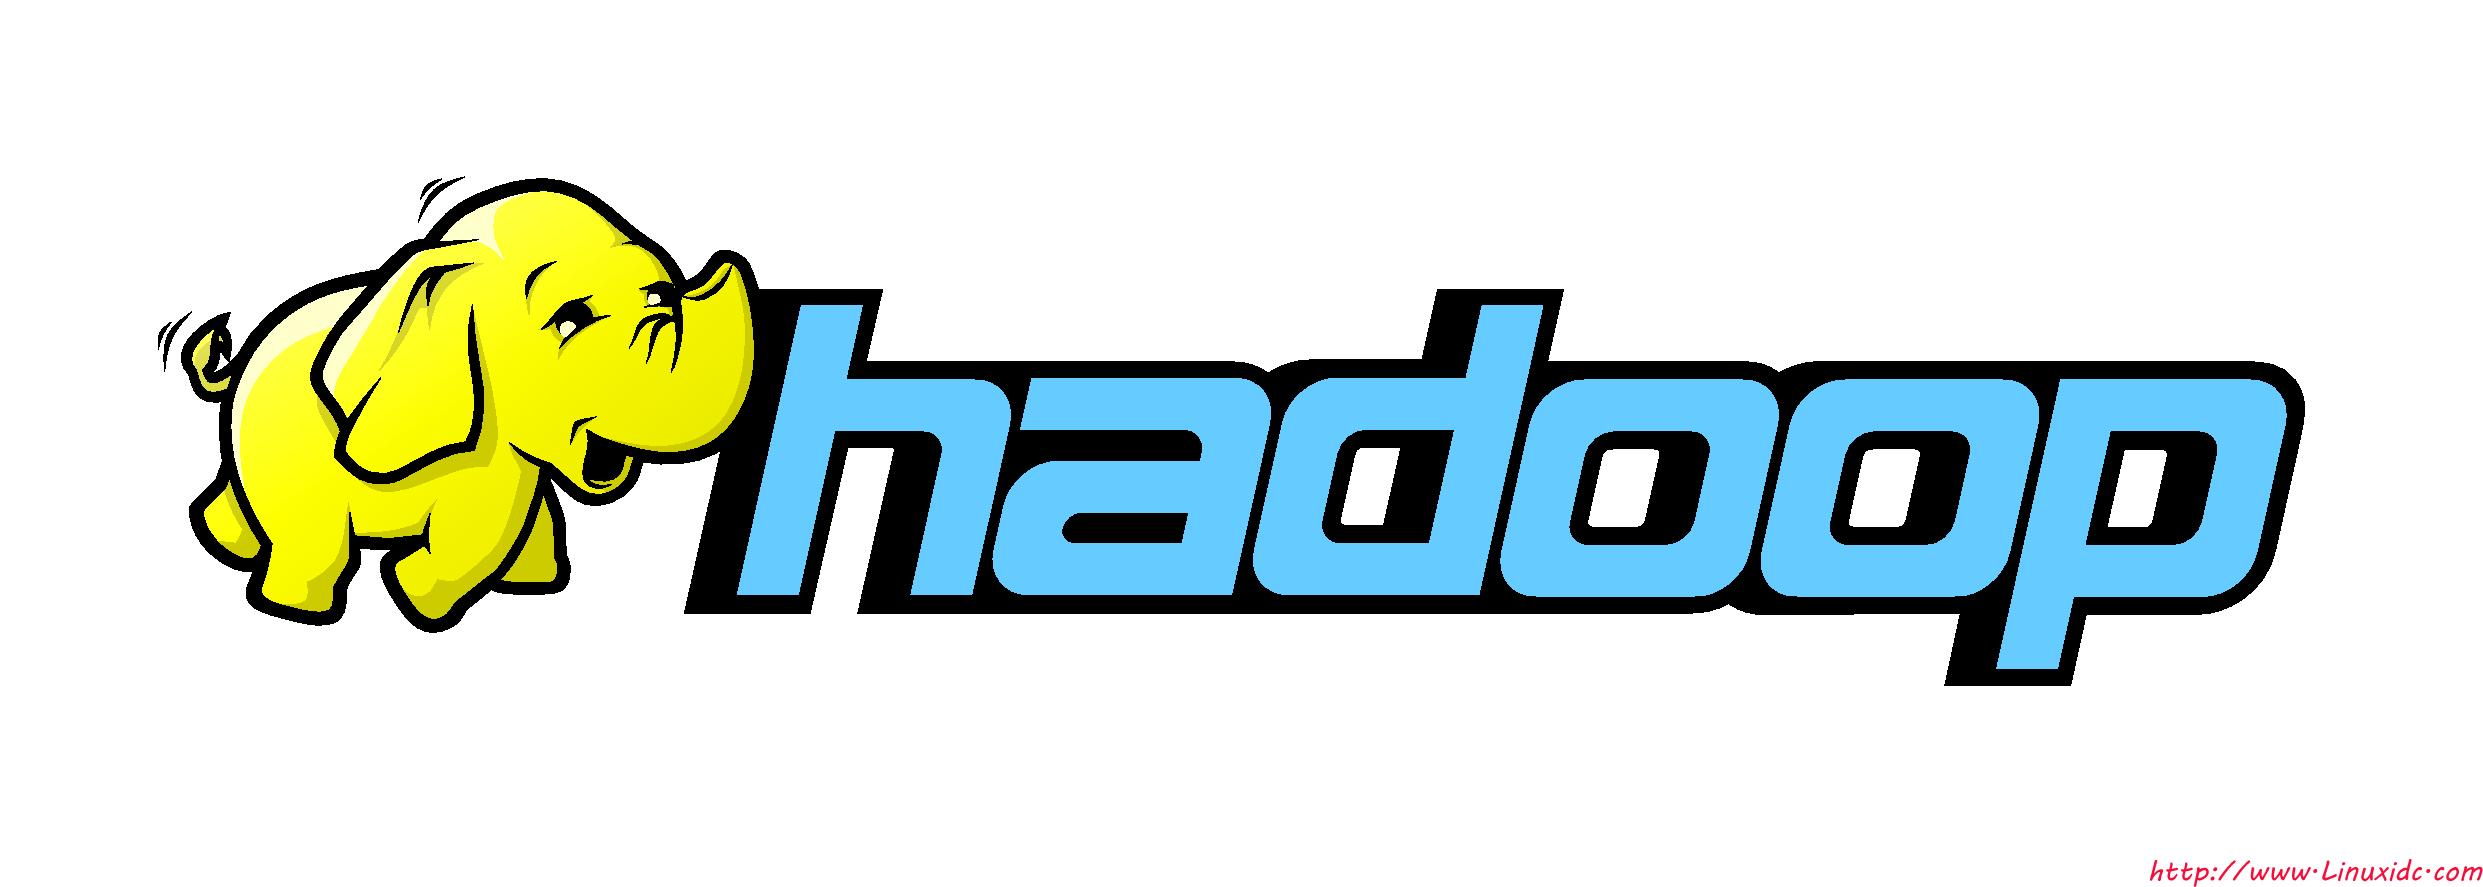 用_应该在什么时候使用hadoop